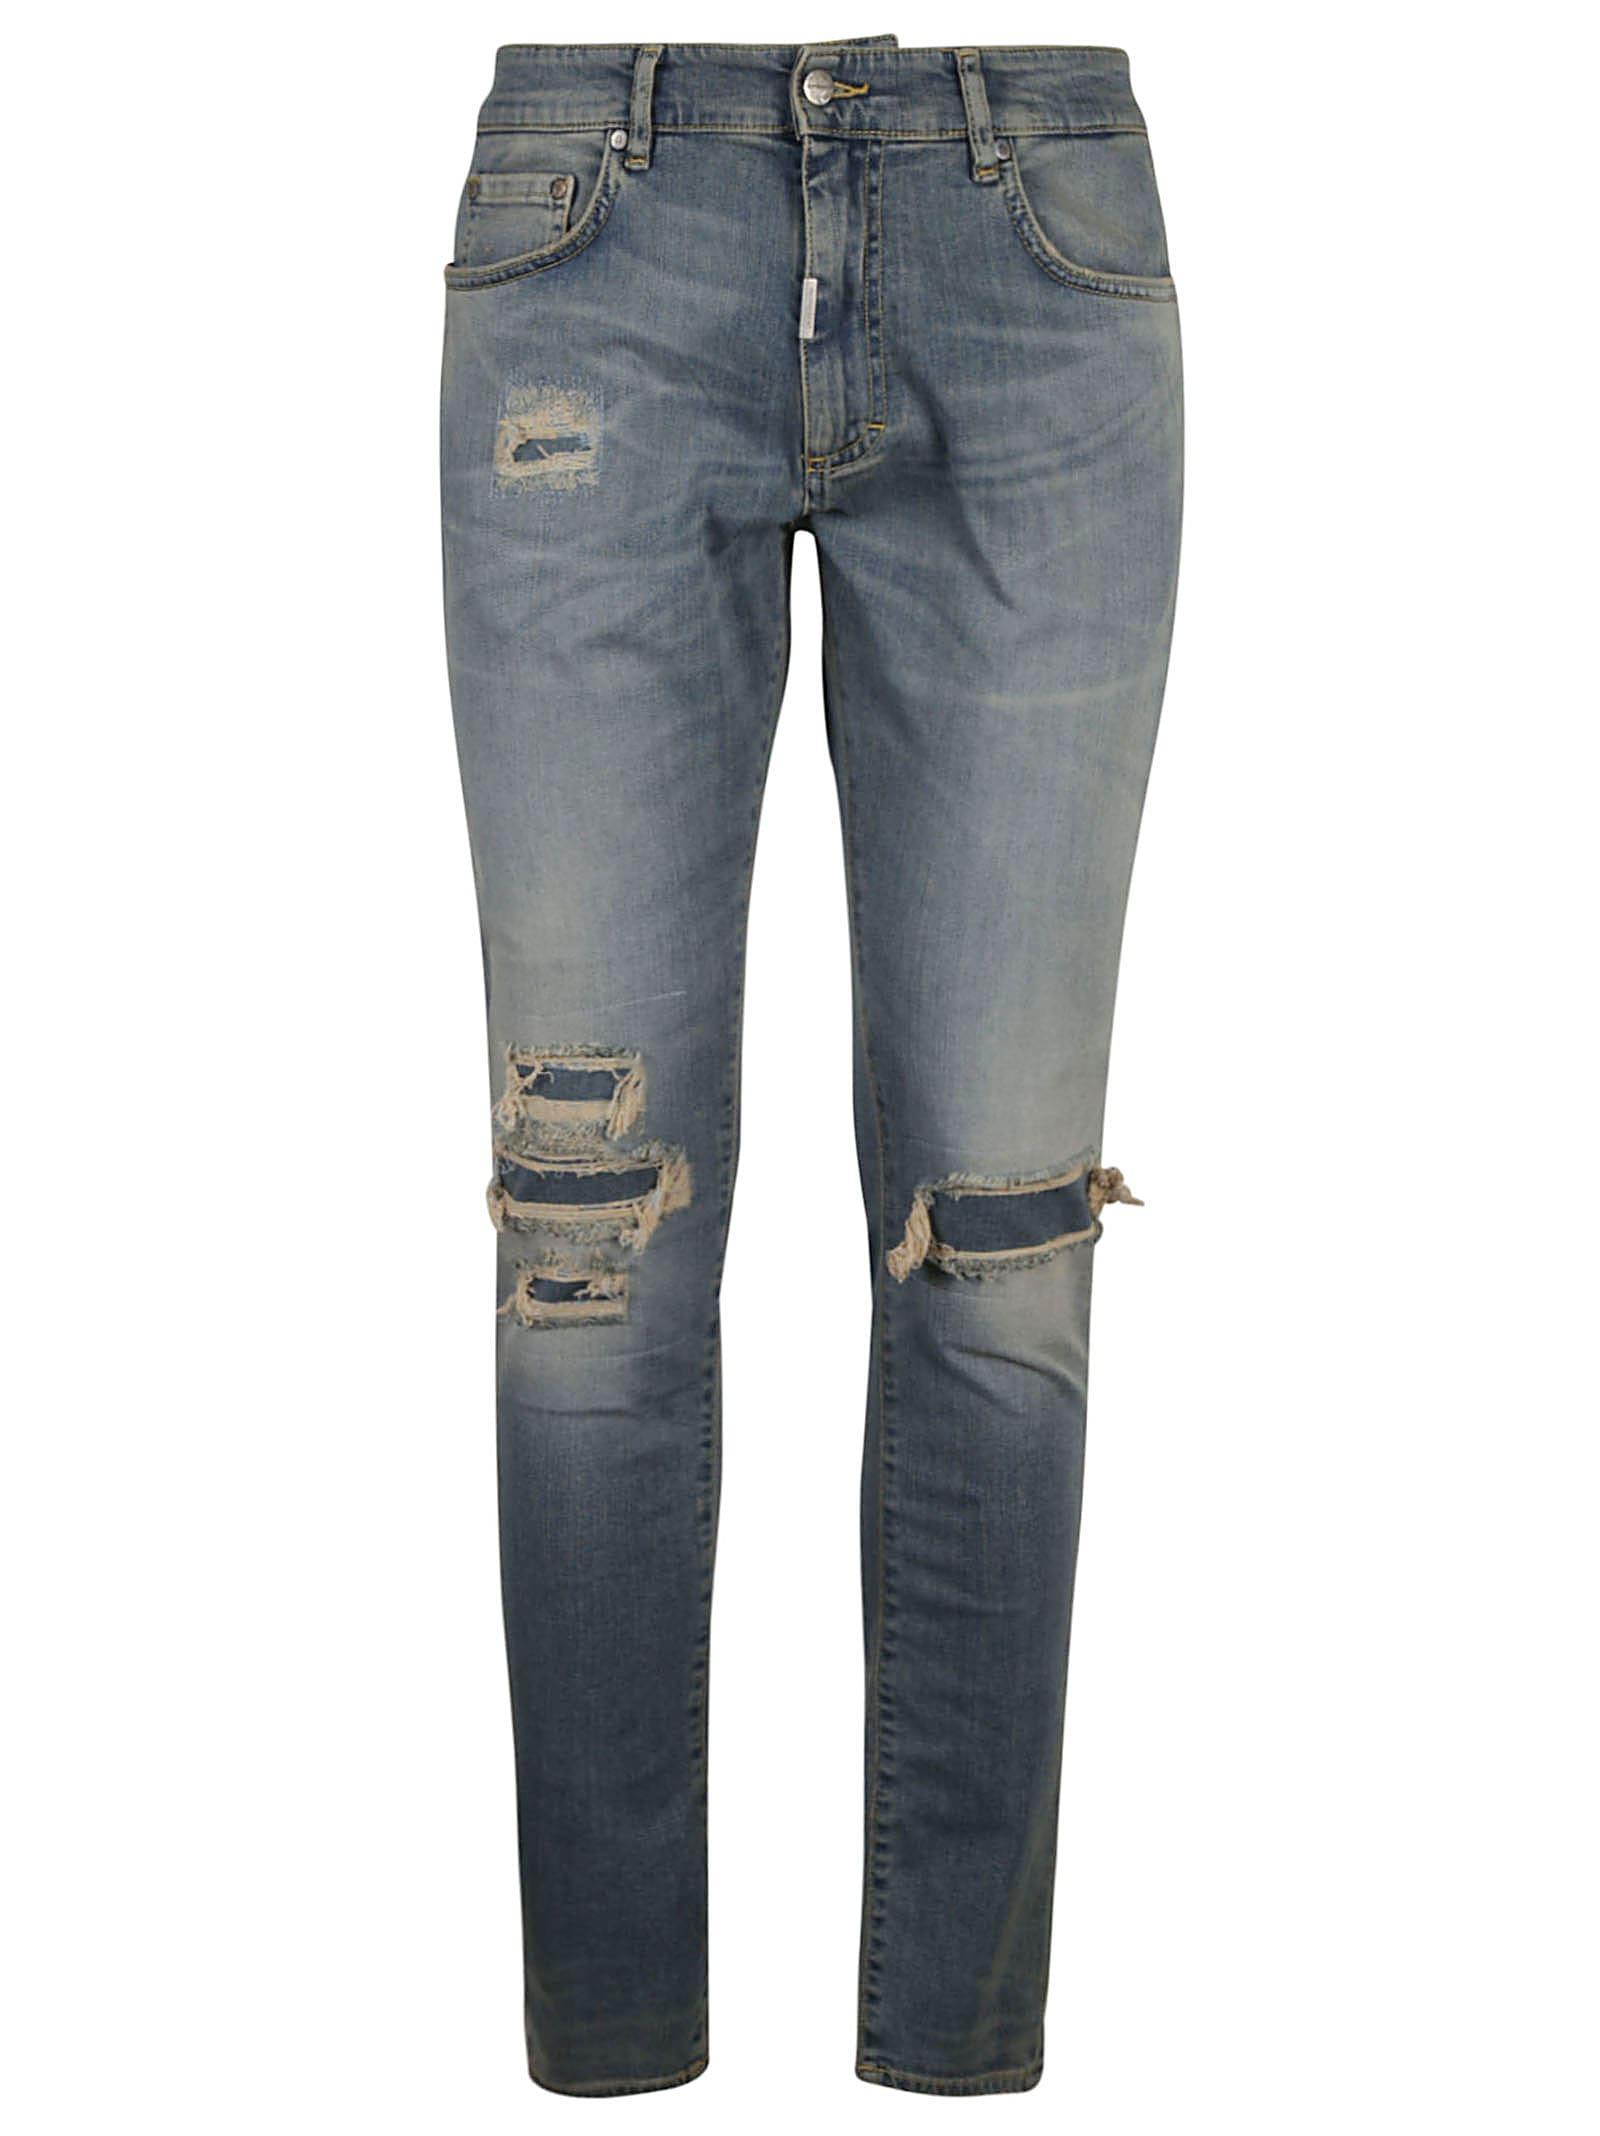 REPRESENT Underworker Denim Jeans